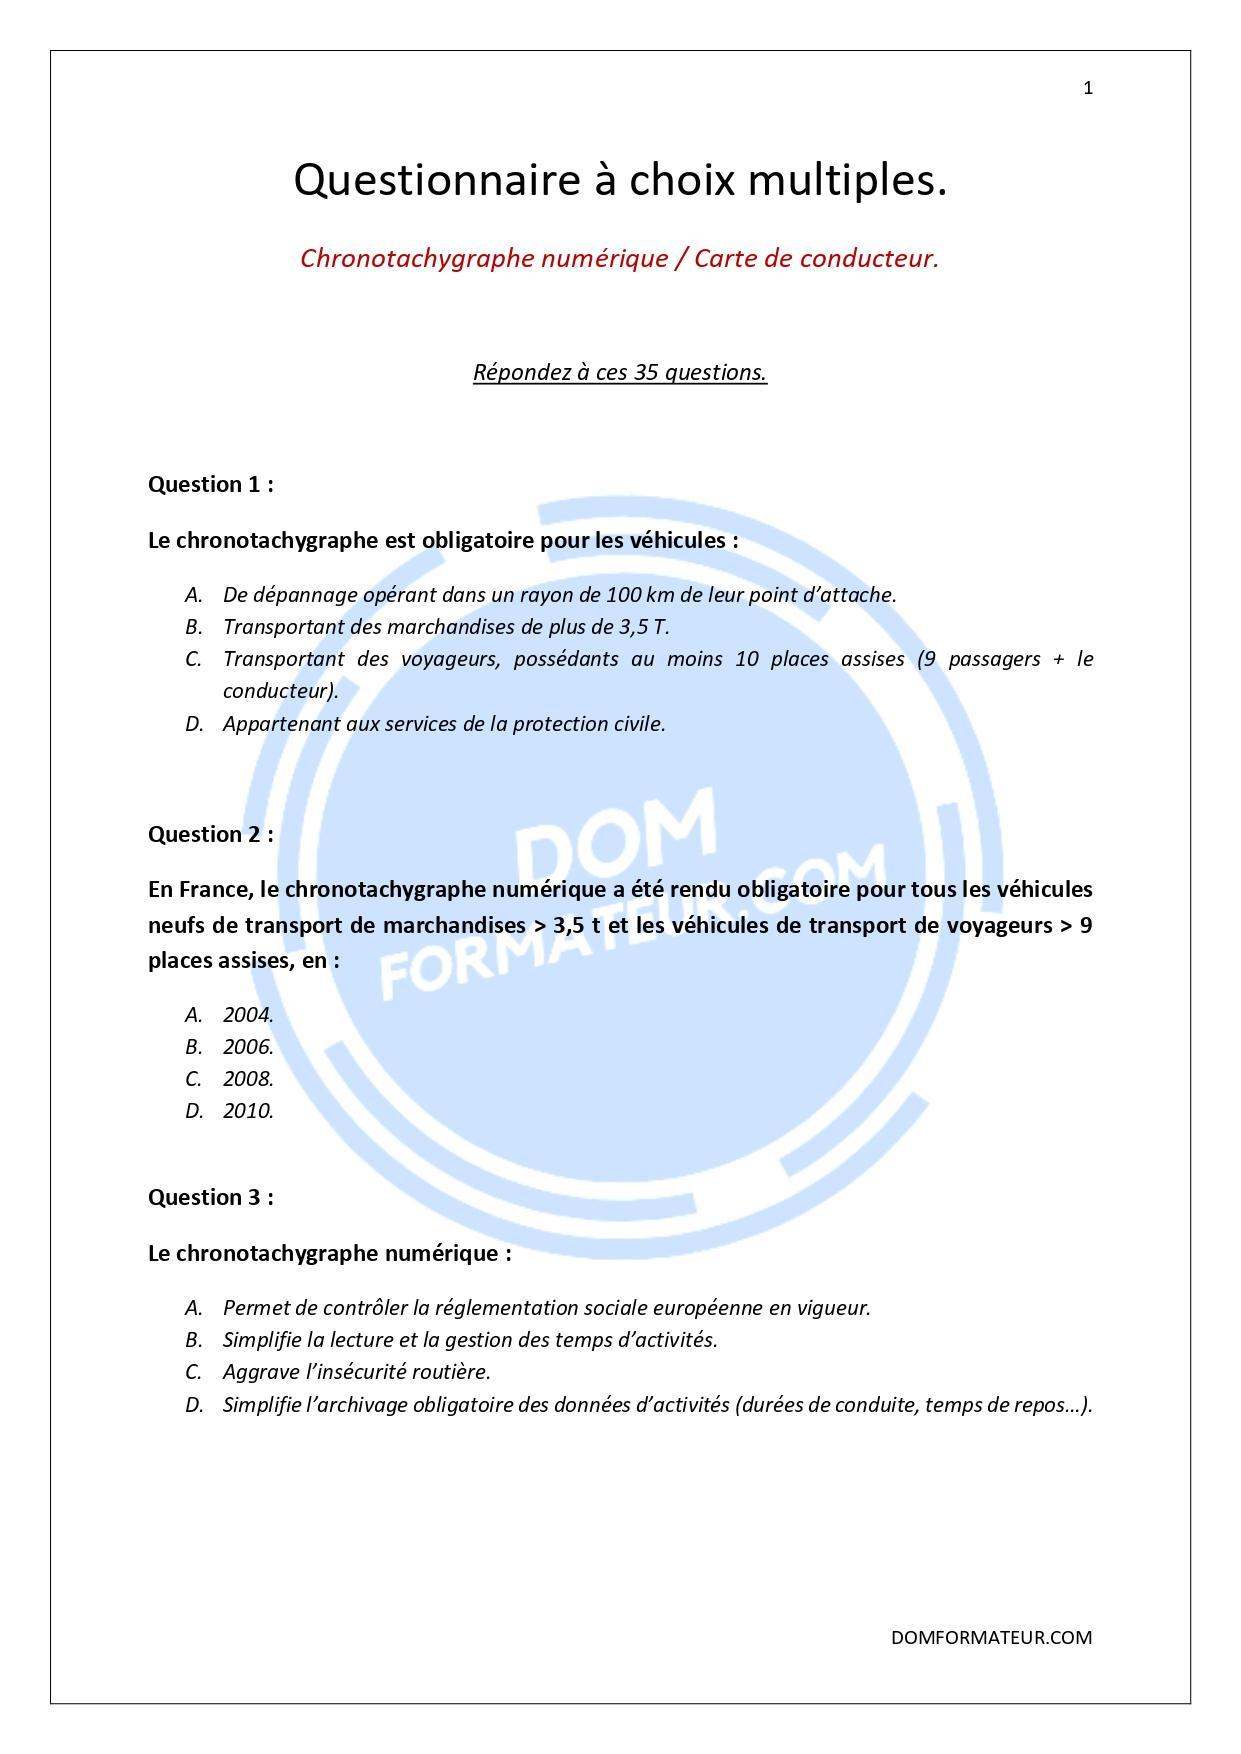 Chronotachygraphe numerique et carte de conducteur page 0001